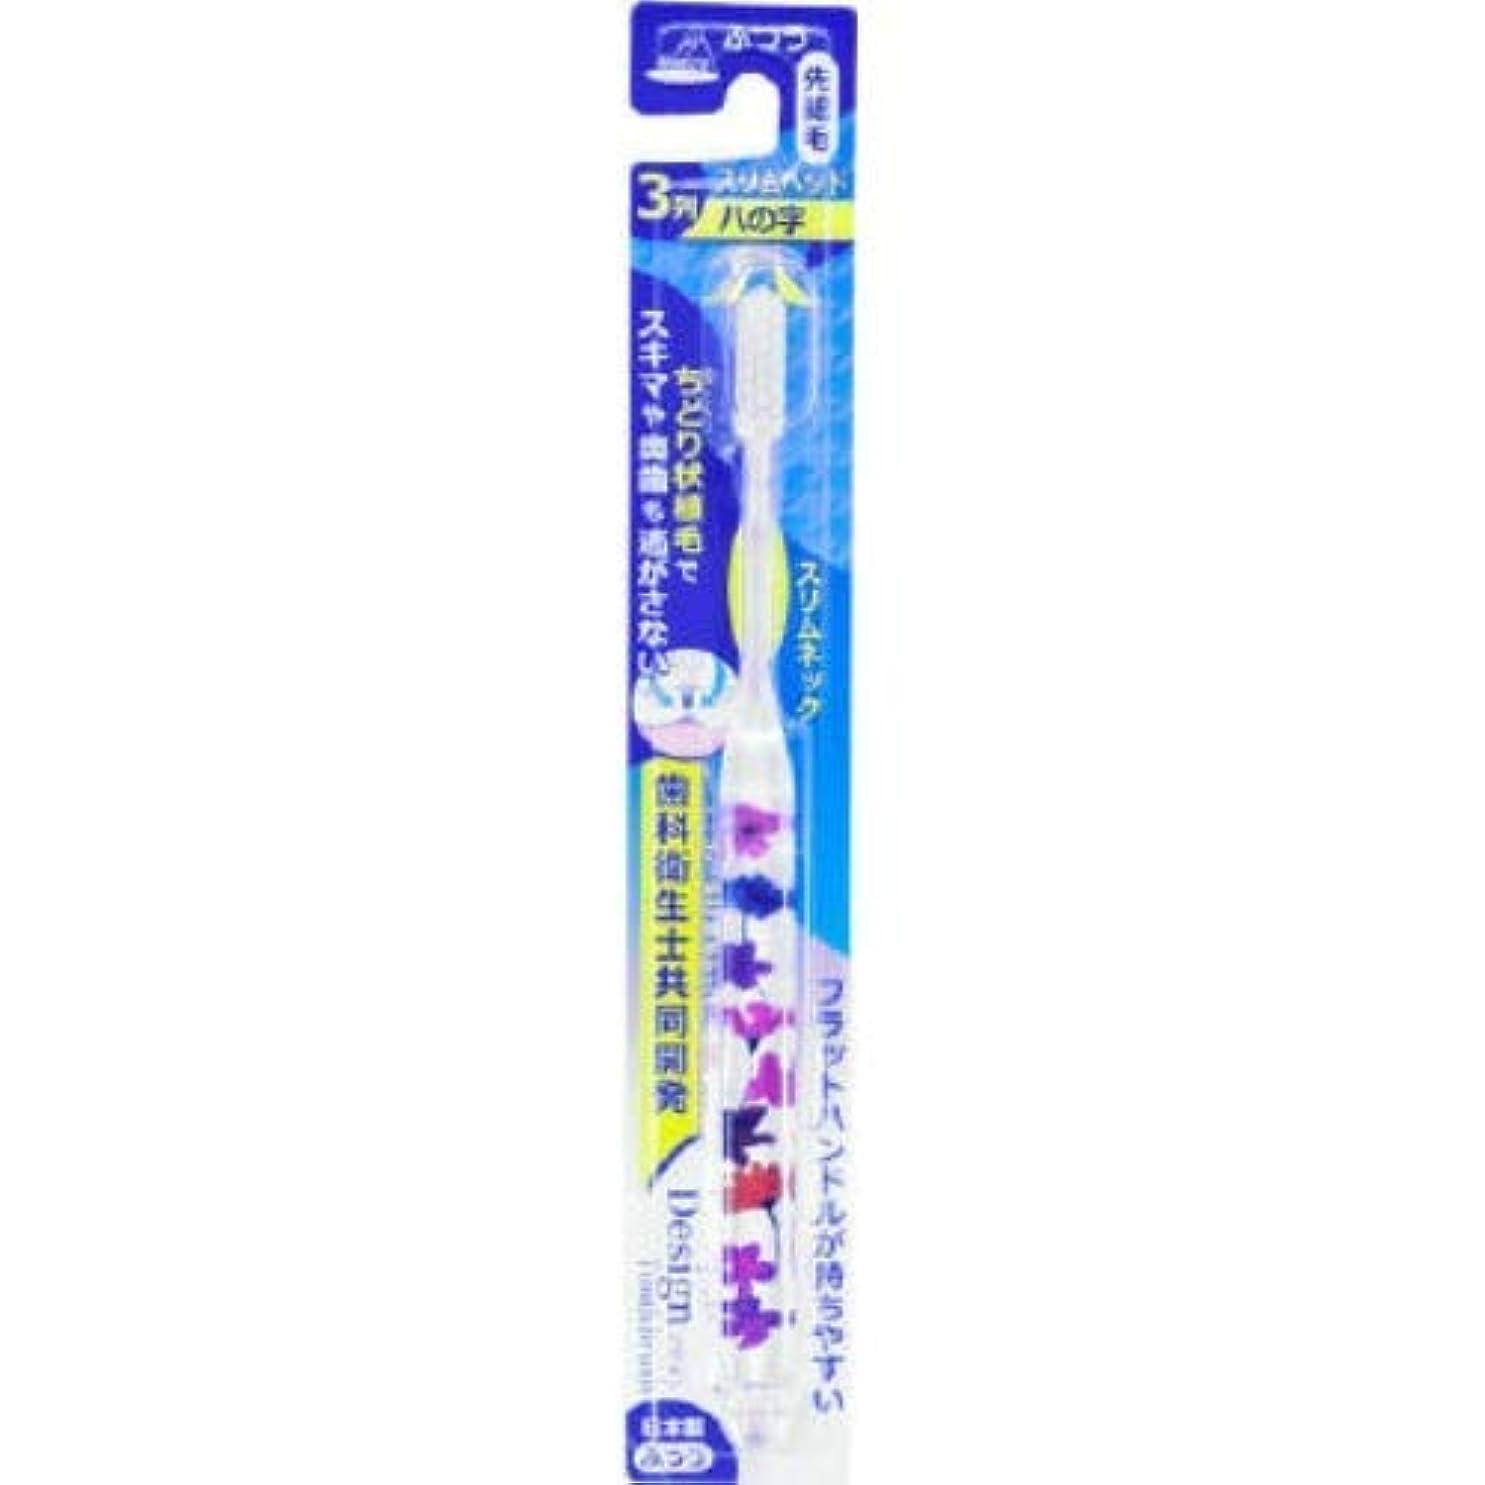 警報アロング器用アヌシ OB-806FA ちどりデザインハブラシ Flower 1本入